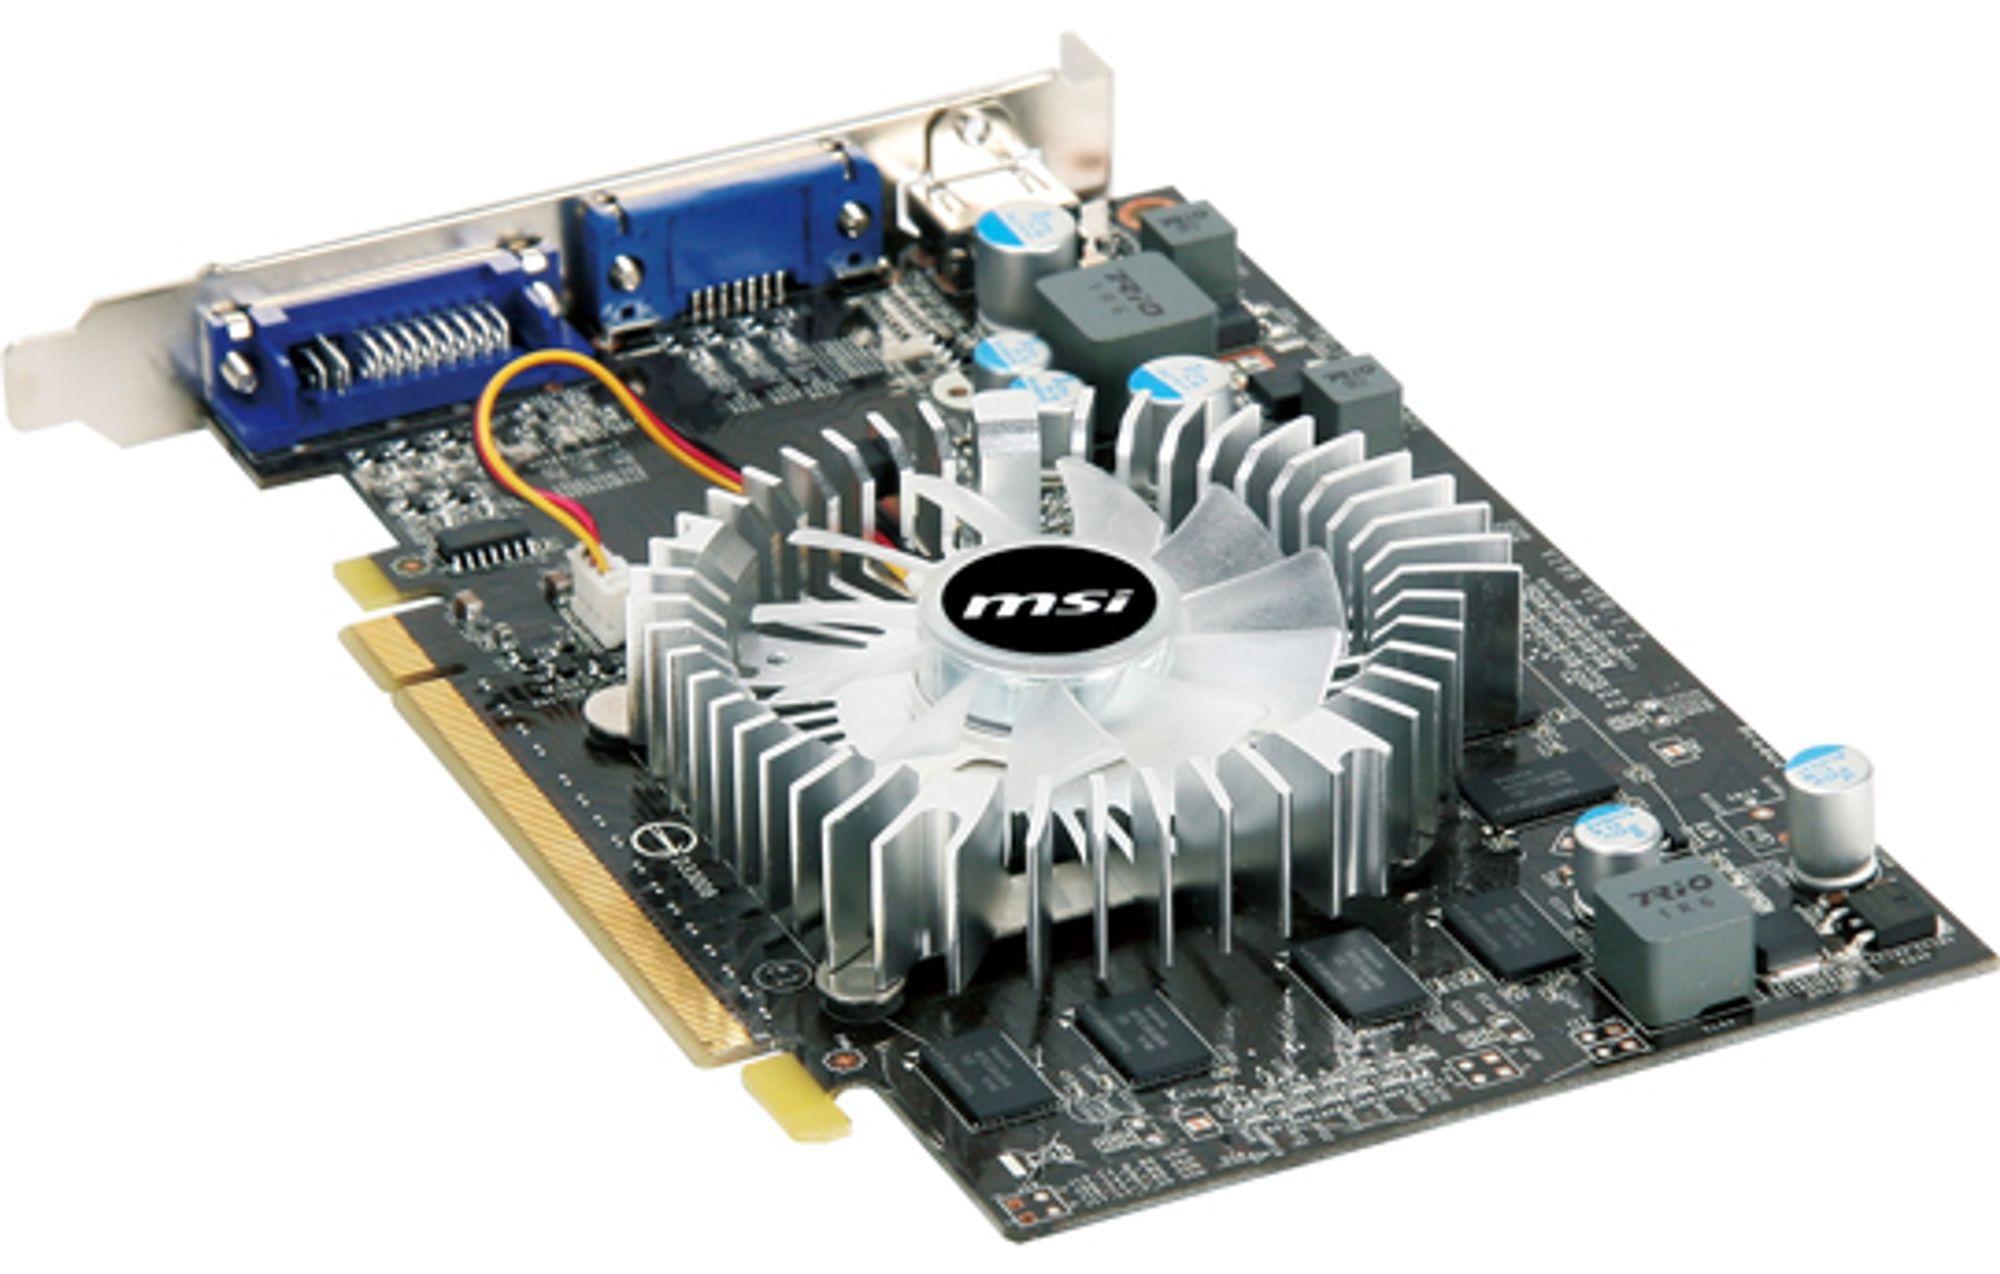 Geforce GT 220 fra MSI